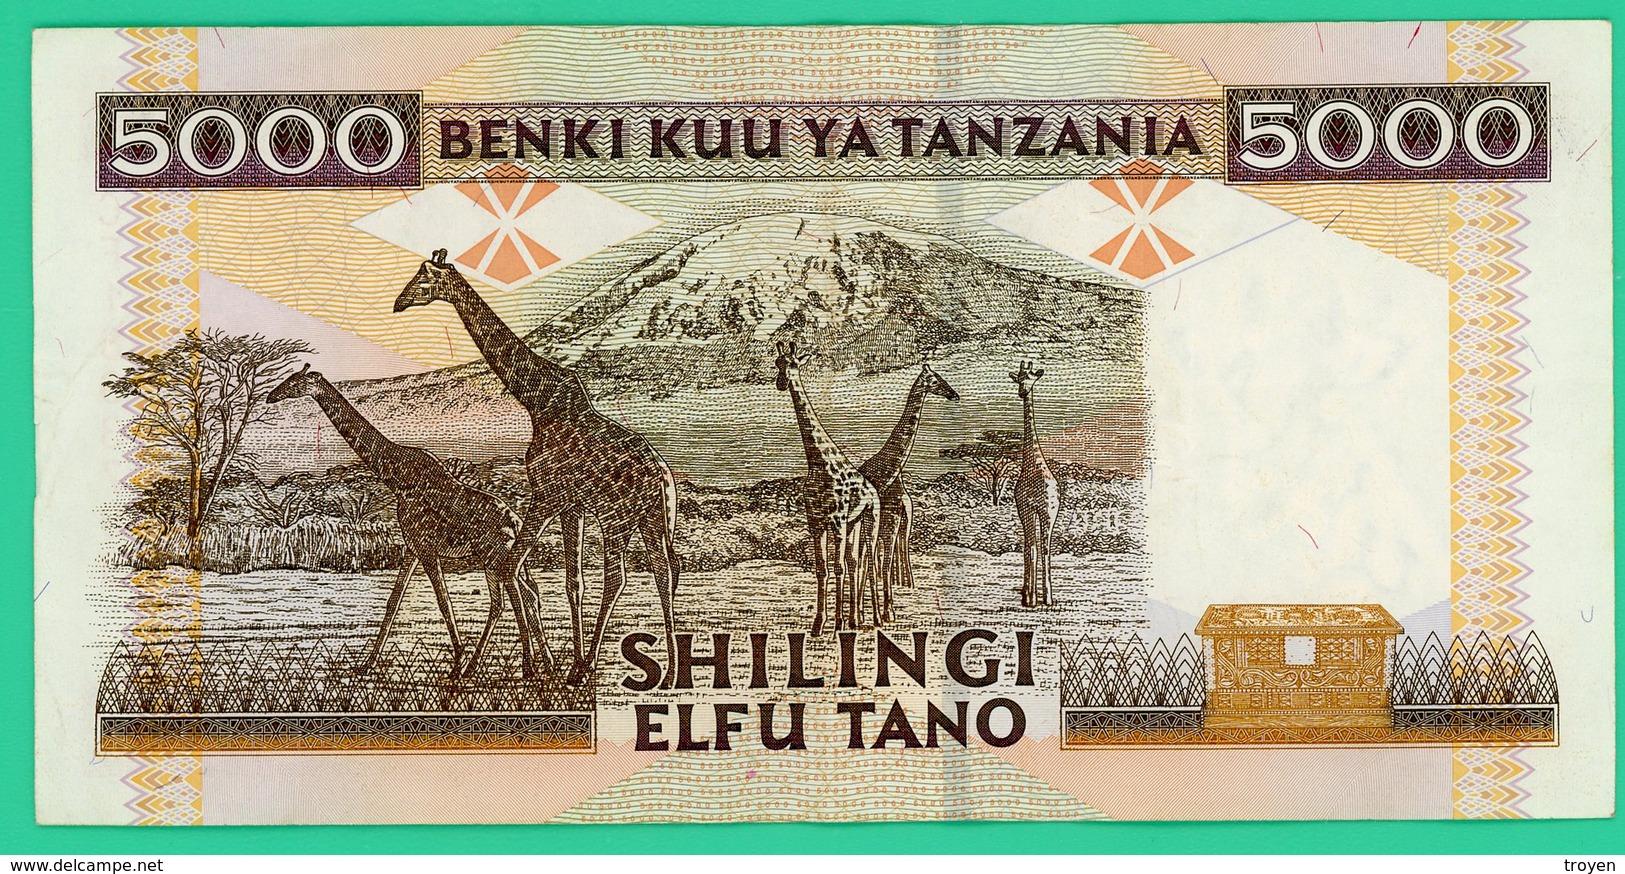 5000 Shilingi - Tanzanie - N° CF1893799 - Sup - - Tanzanie